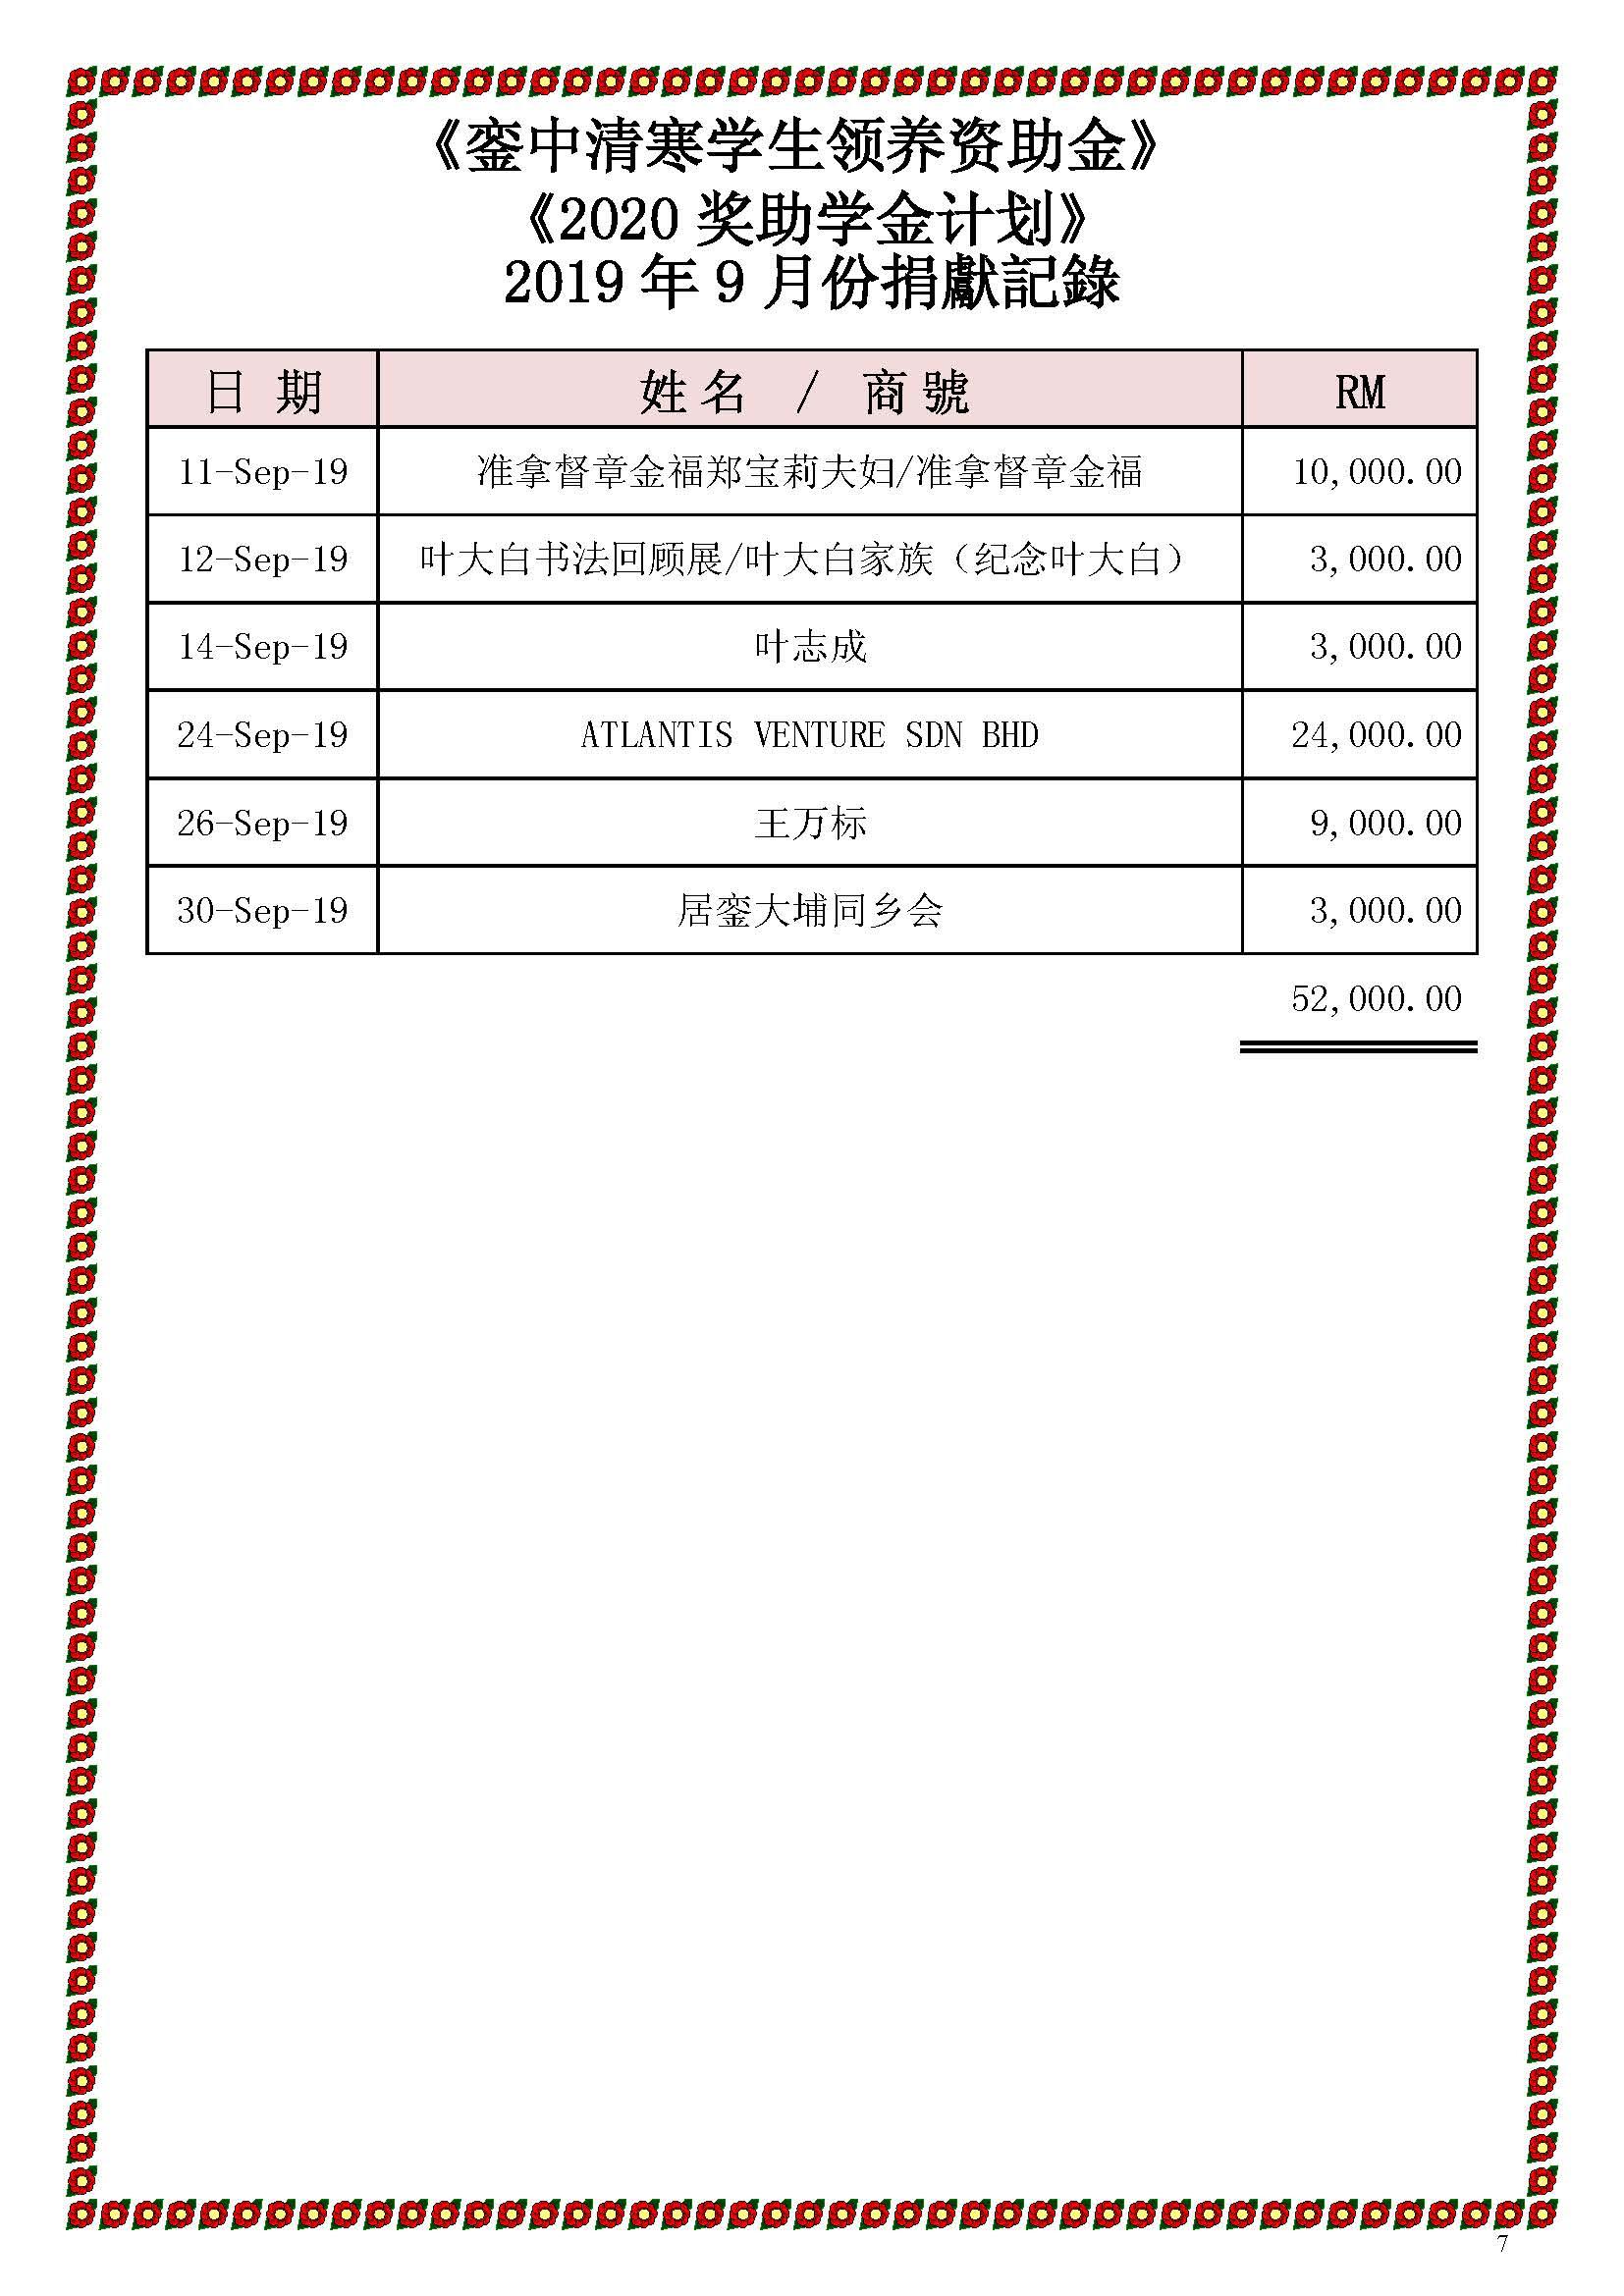 2019年9月份捐獻記錄-修改后_Page_7